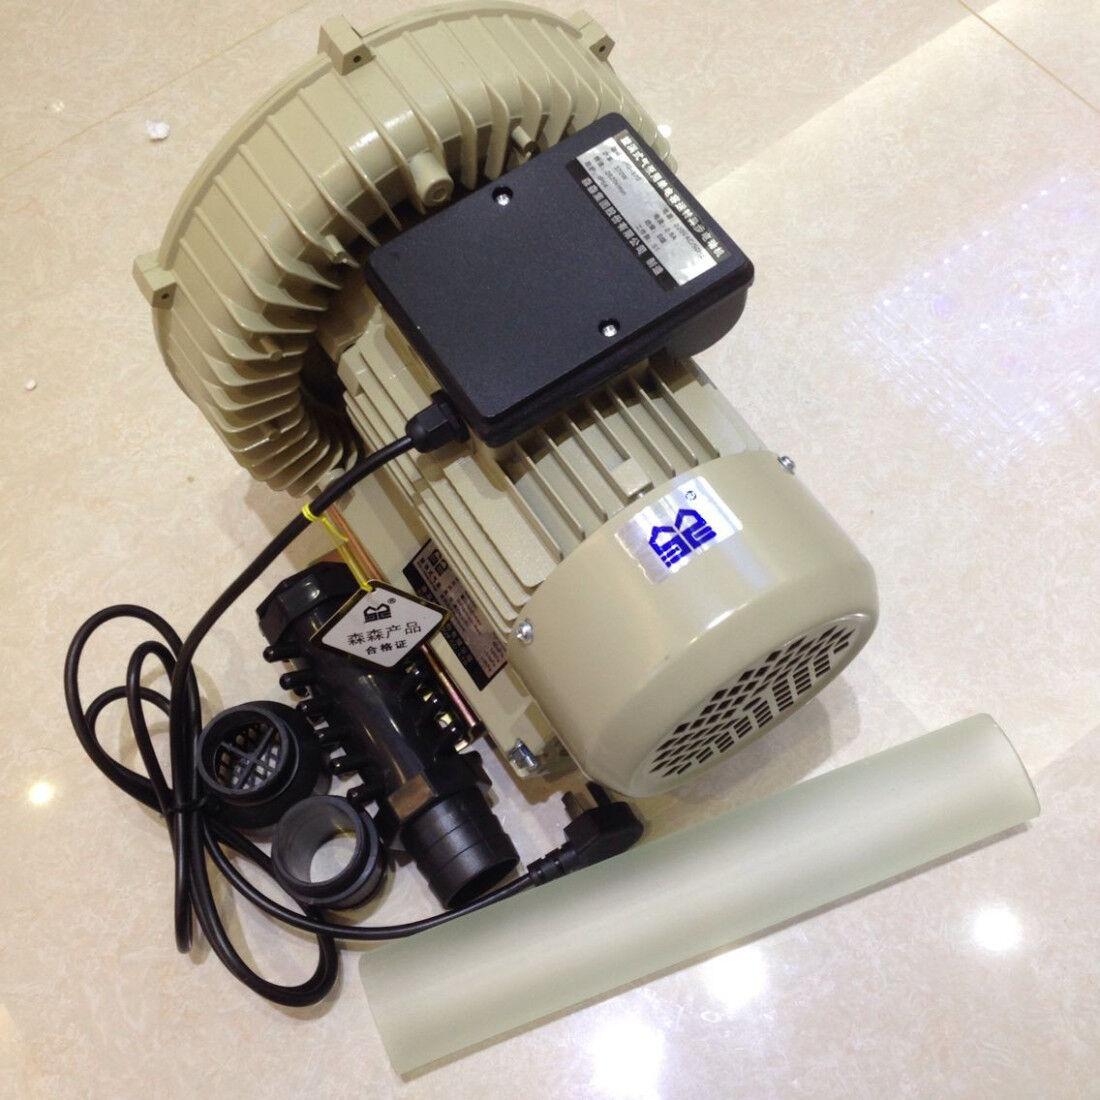 lo stile classico POMPA AIR BLOWER, SUNSUN 60M³ 60M³ 60M³ H 370W Pompa Acqua Di Ossigeno per Acquario Vasca dei Pesci Laghetto  negozio online